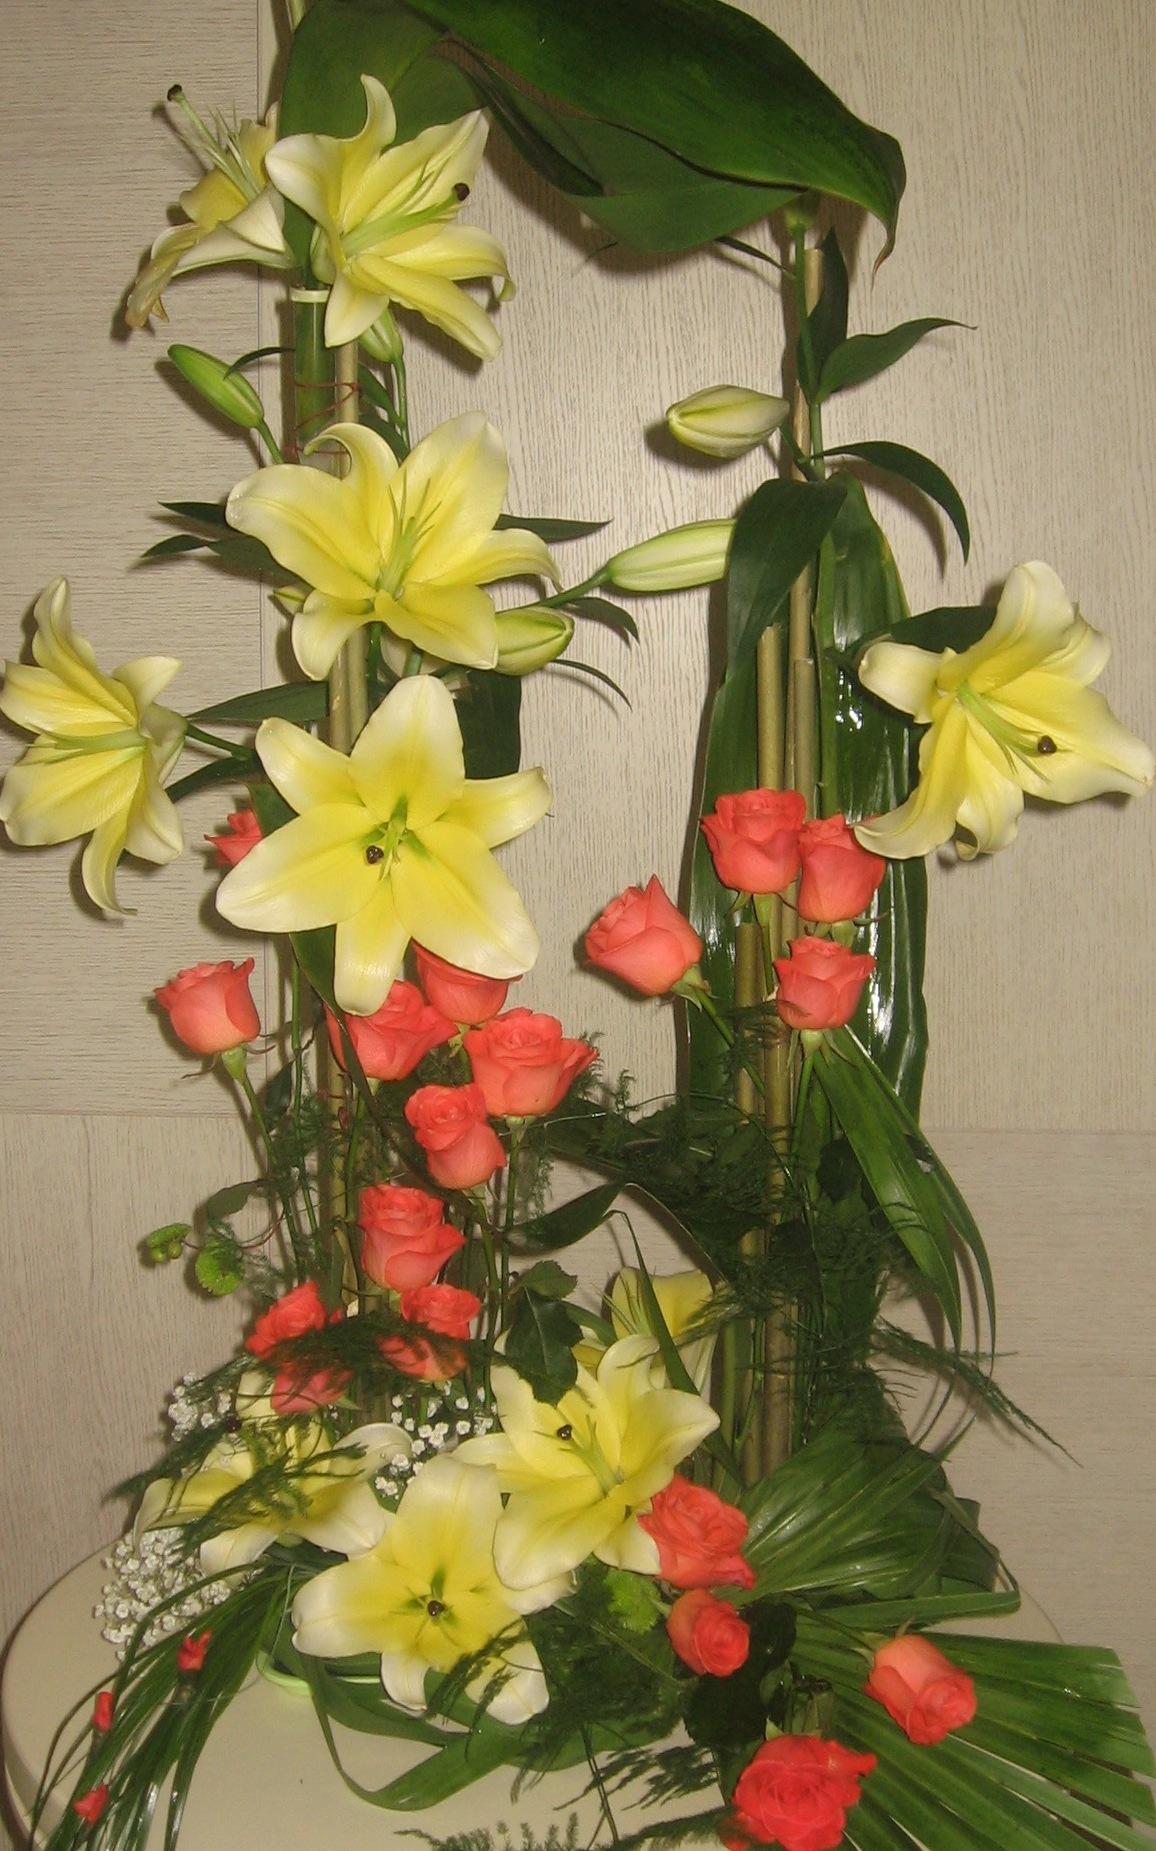 Cvetni aranžman sa ljiljanima i crvenim ružama